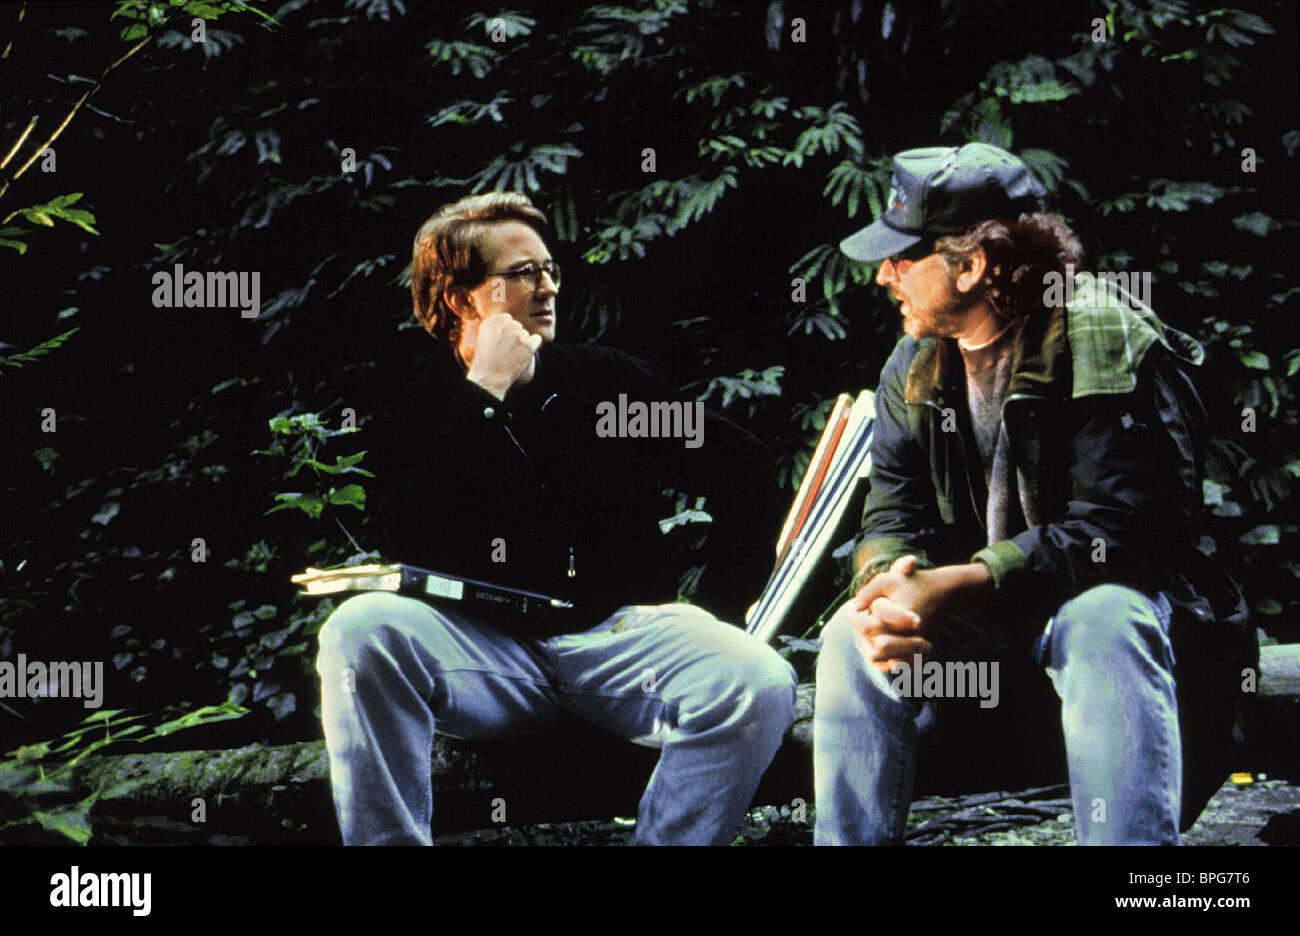 MICHAEL CRICHTON y Steven Spielberg El Mundo Perdido: Parque Jurásico 2 (1997) Imagen De Stock